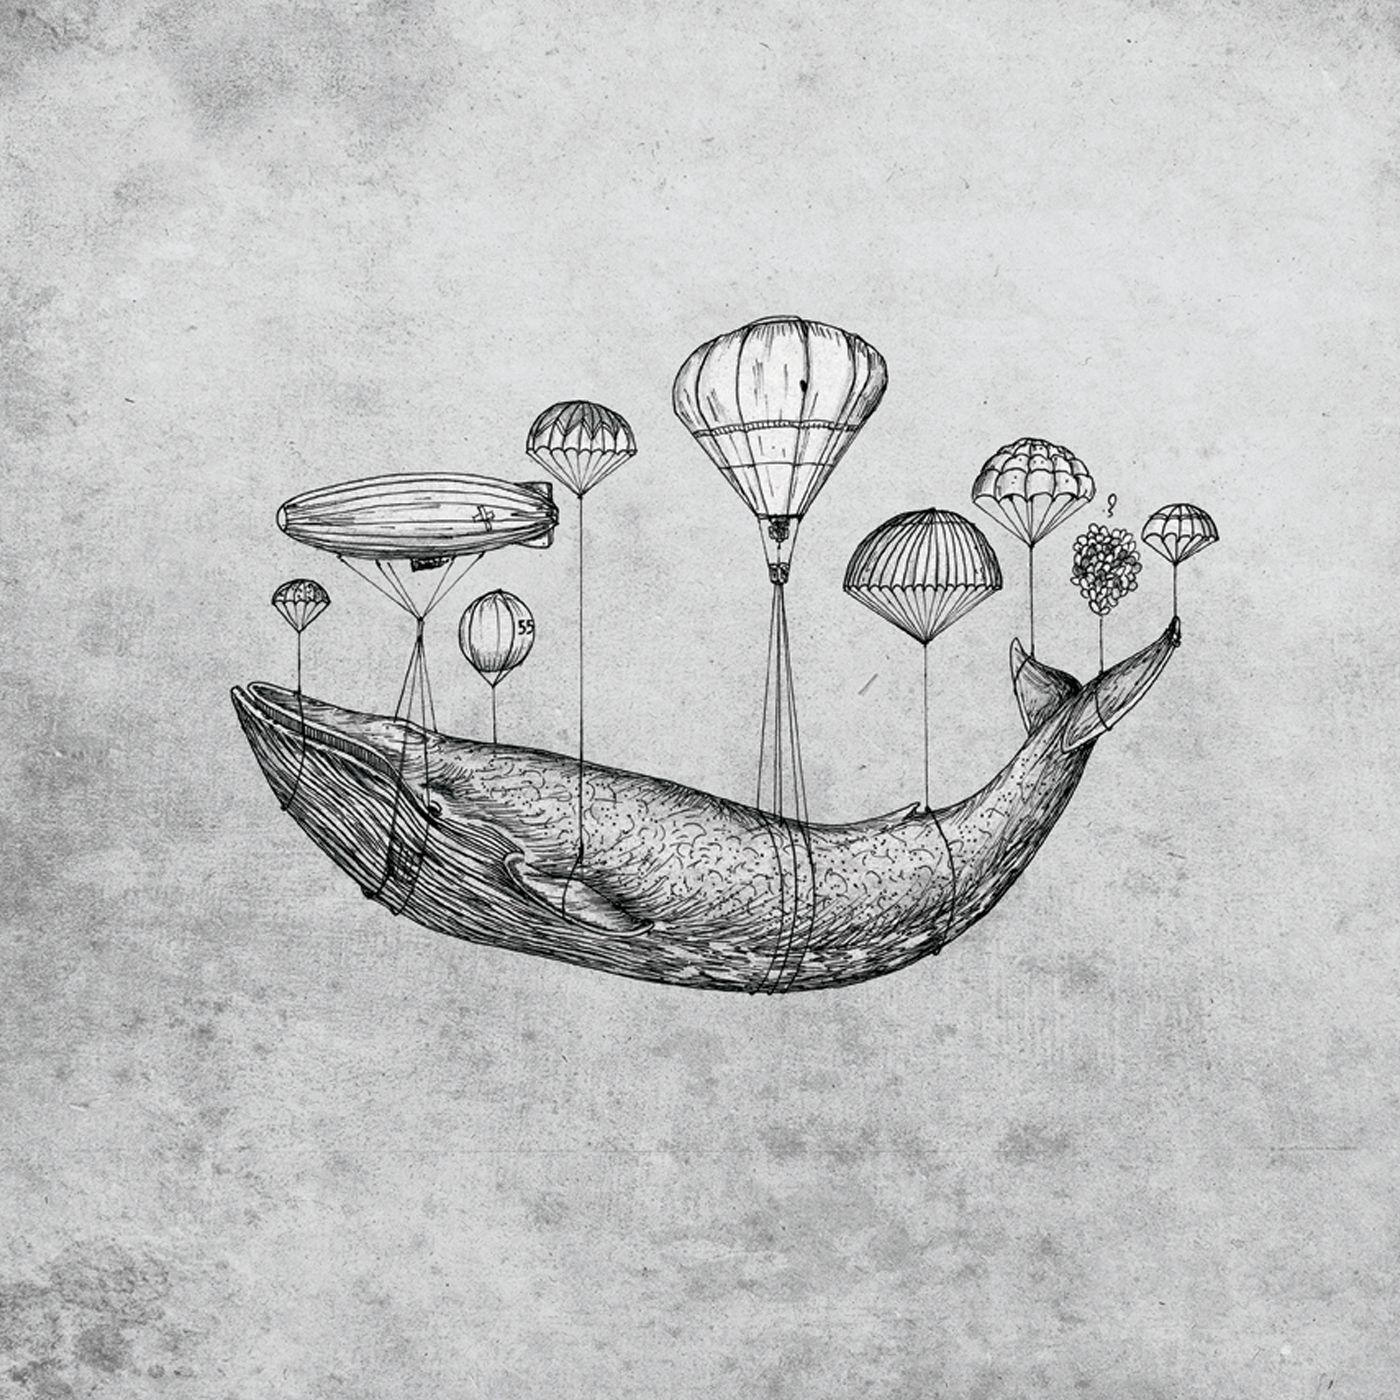 Картинки кита в стиле тумблер